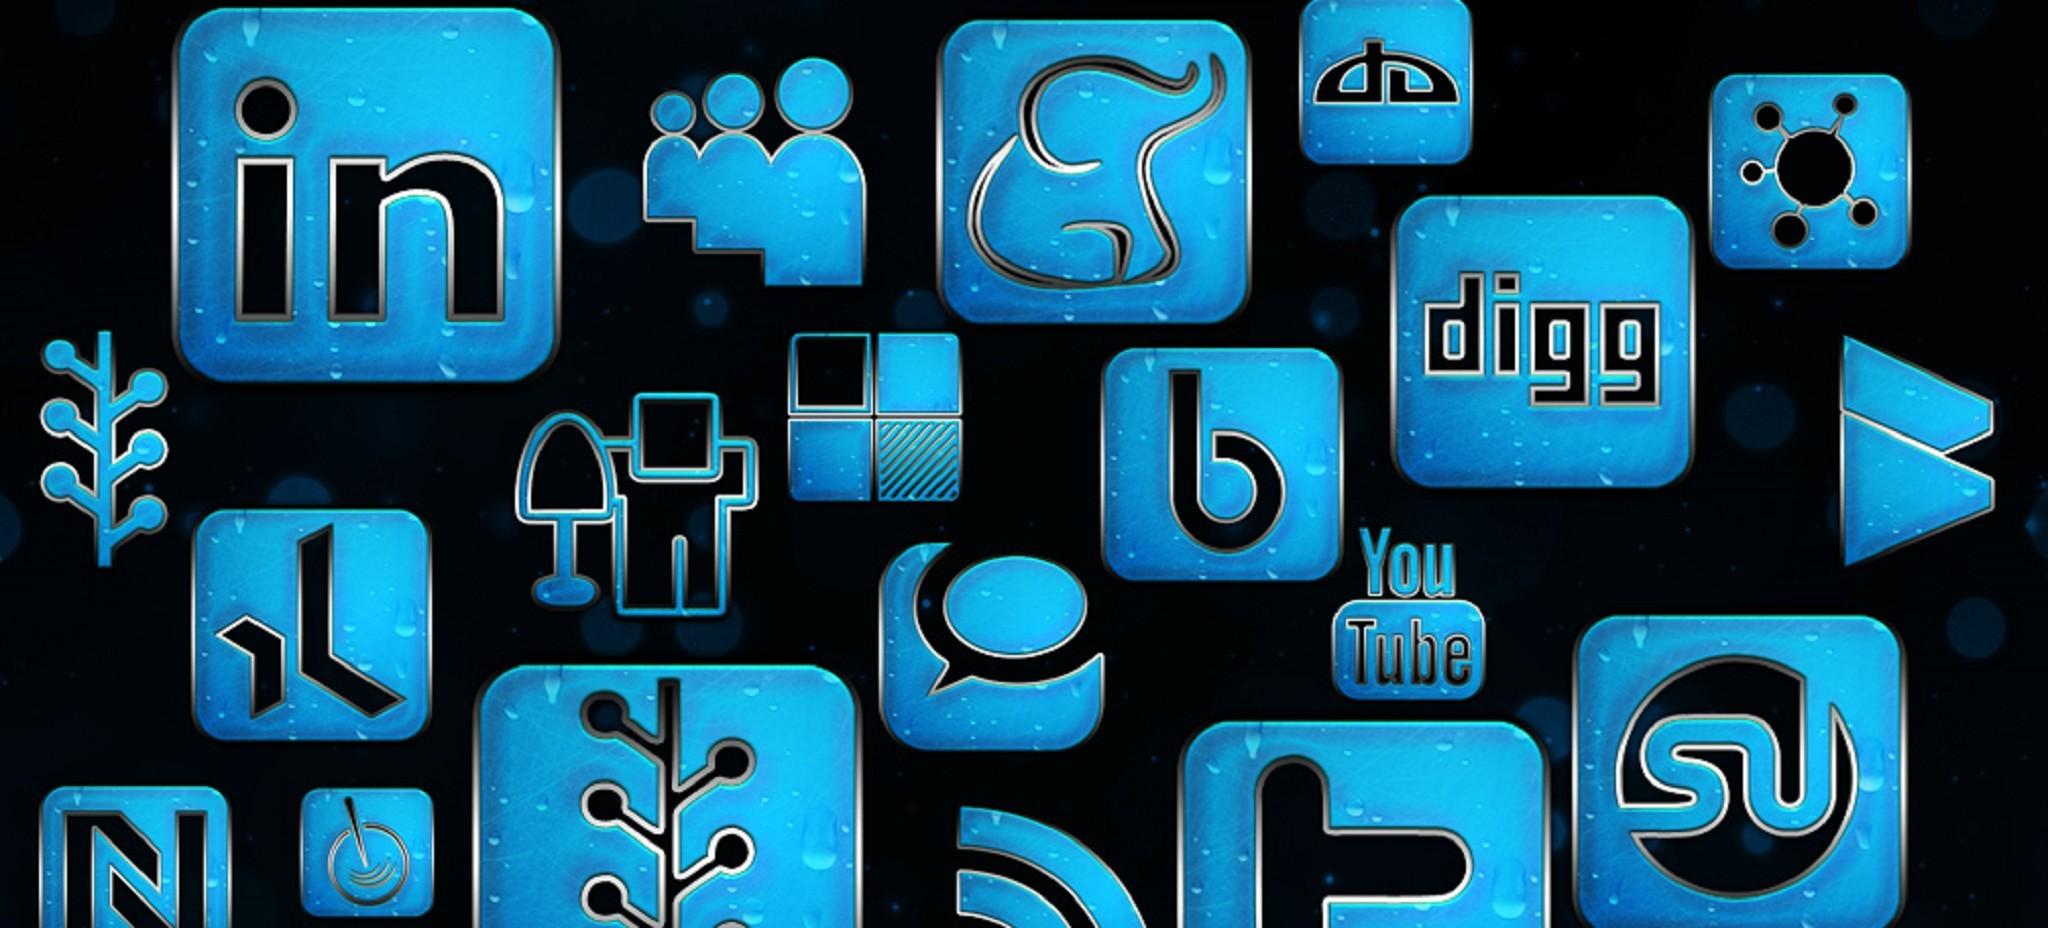 善用圖文元素,讓社群網站更給力